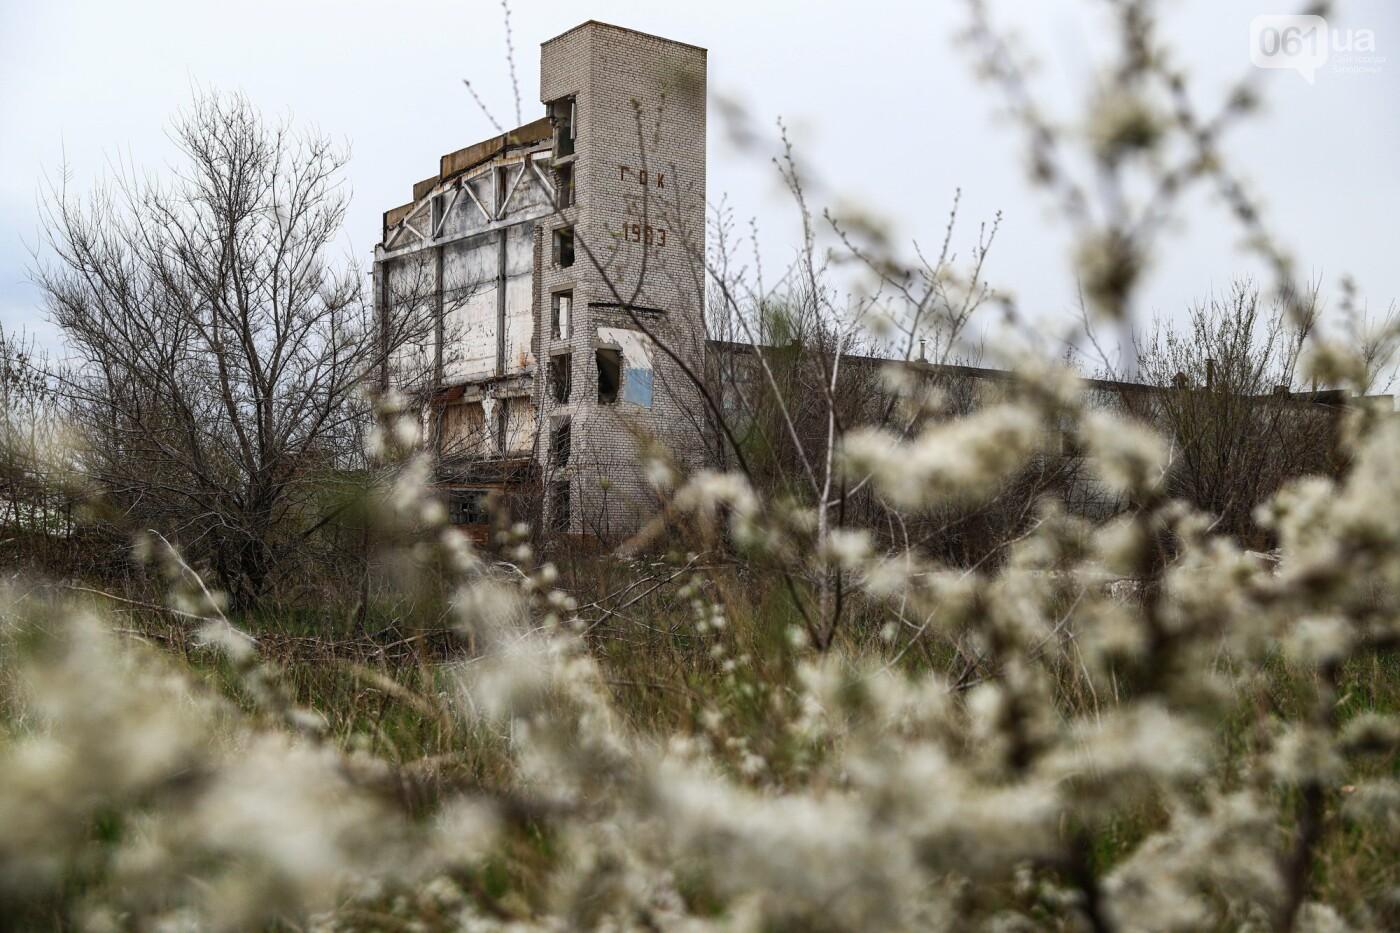 В Степногорске пытаются разобрать на металлолом шахту - промплощадка ГОКа превратилась в руины, - ФОТОРЕПОРТАЖ , фото-27